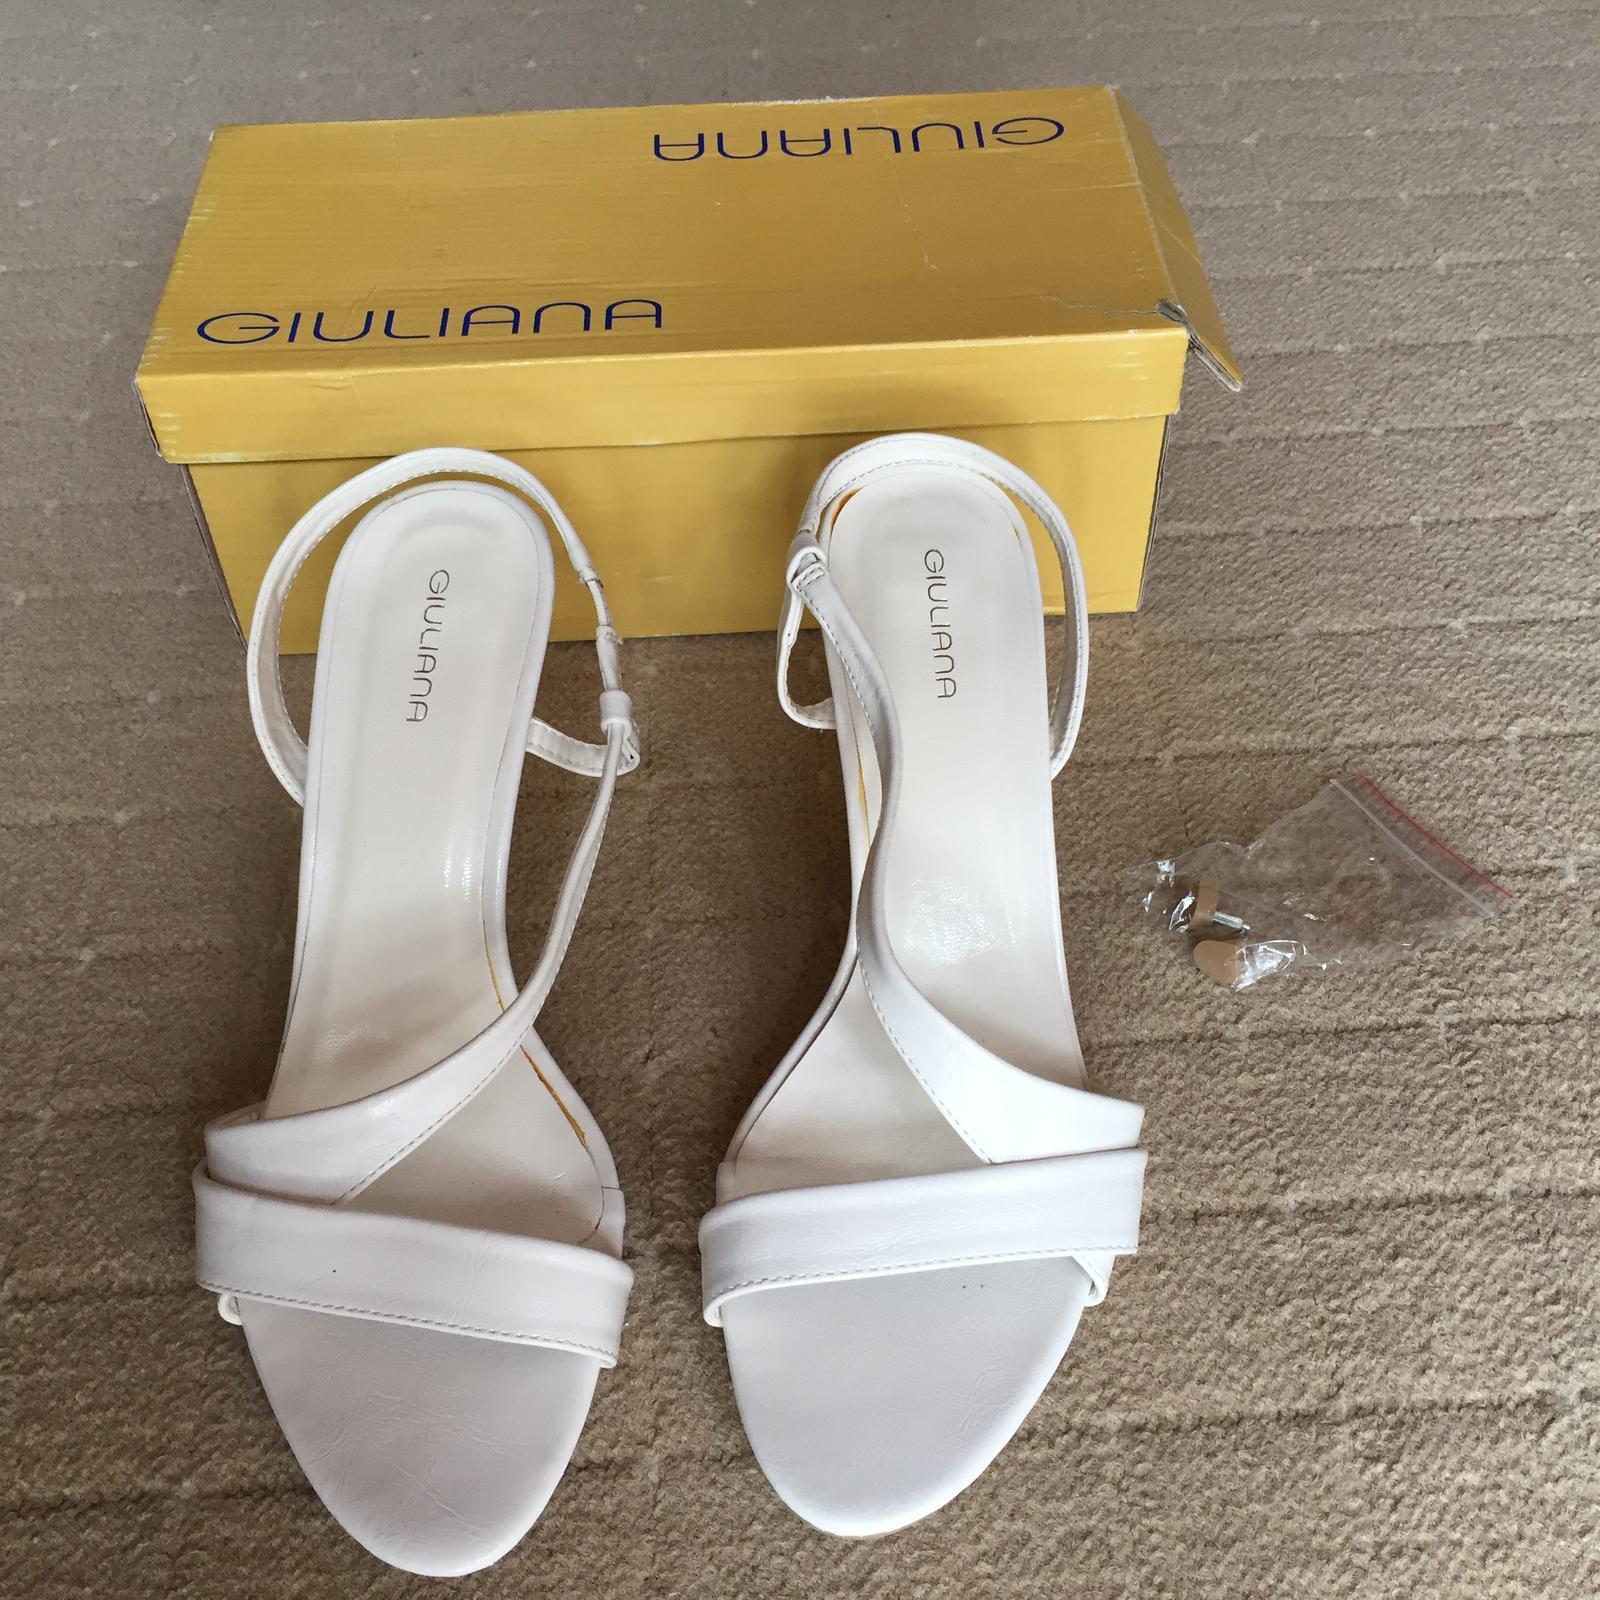 Otvorene lodicky / sandalky  - Obrázok č. 1